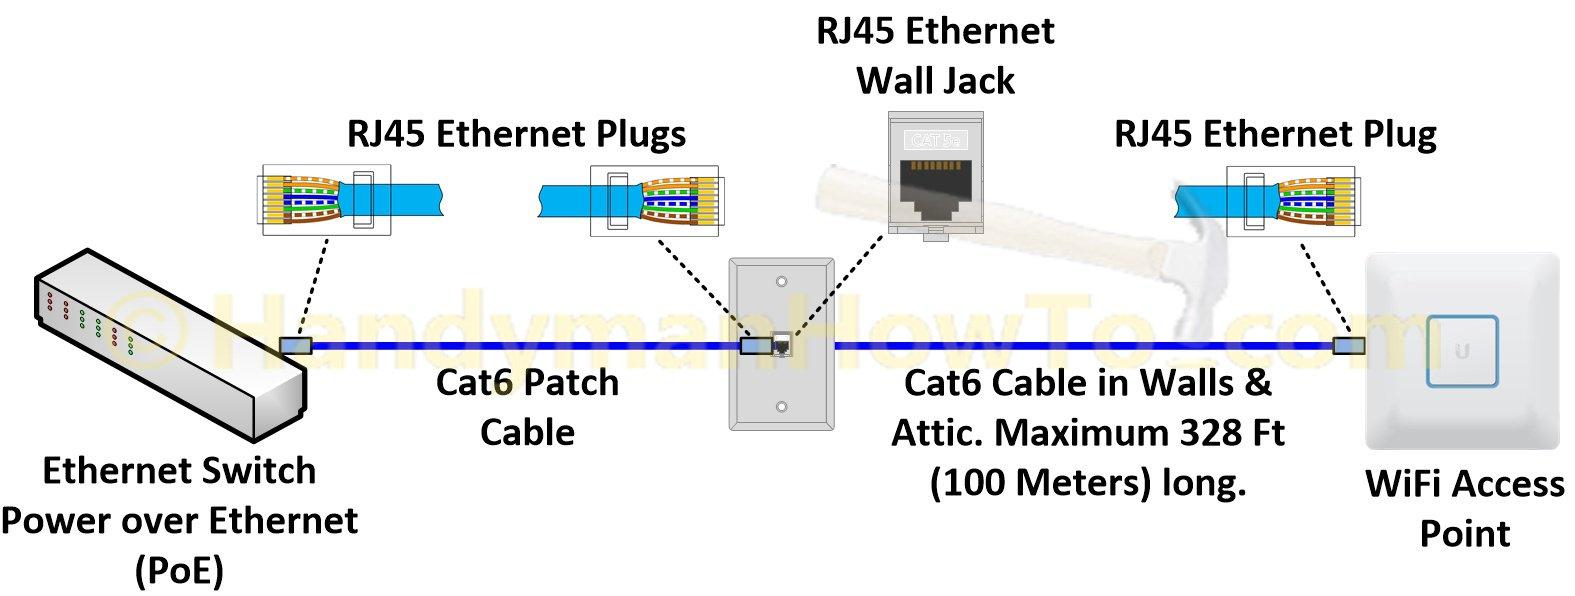 Poe Rj45 Jack Wiring Diagram | Wiring Diagram - Poe Wiring Diagram